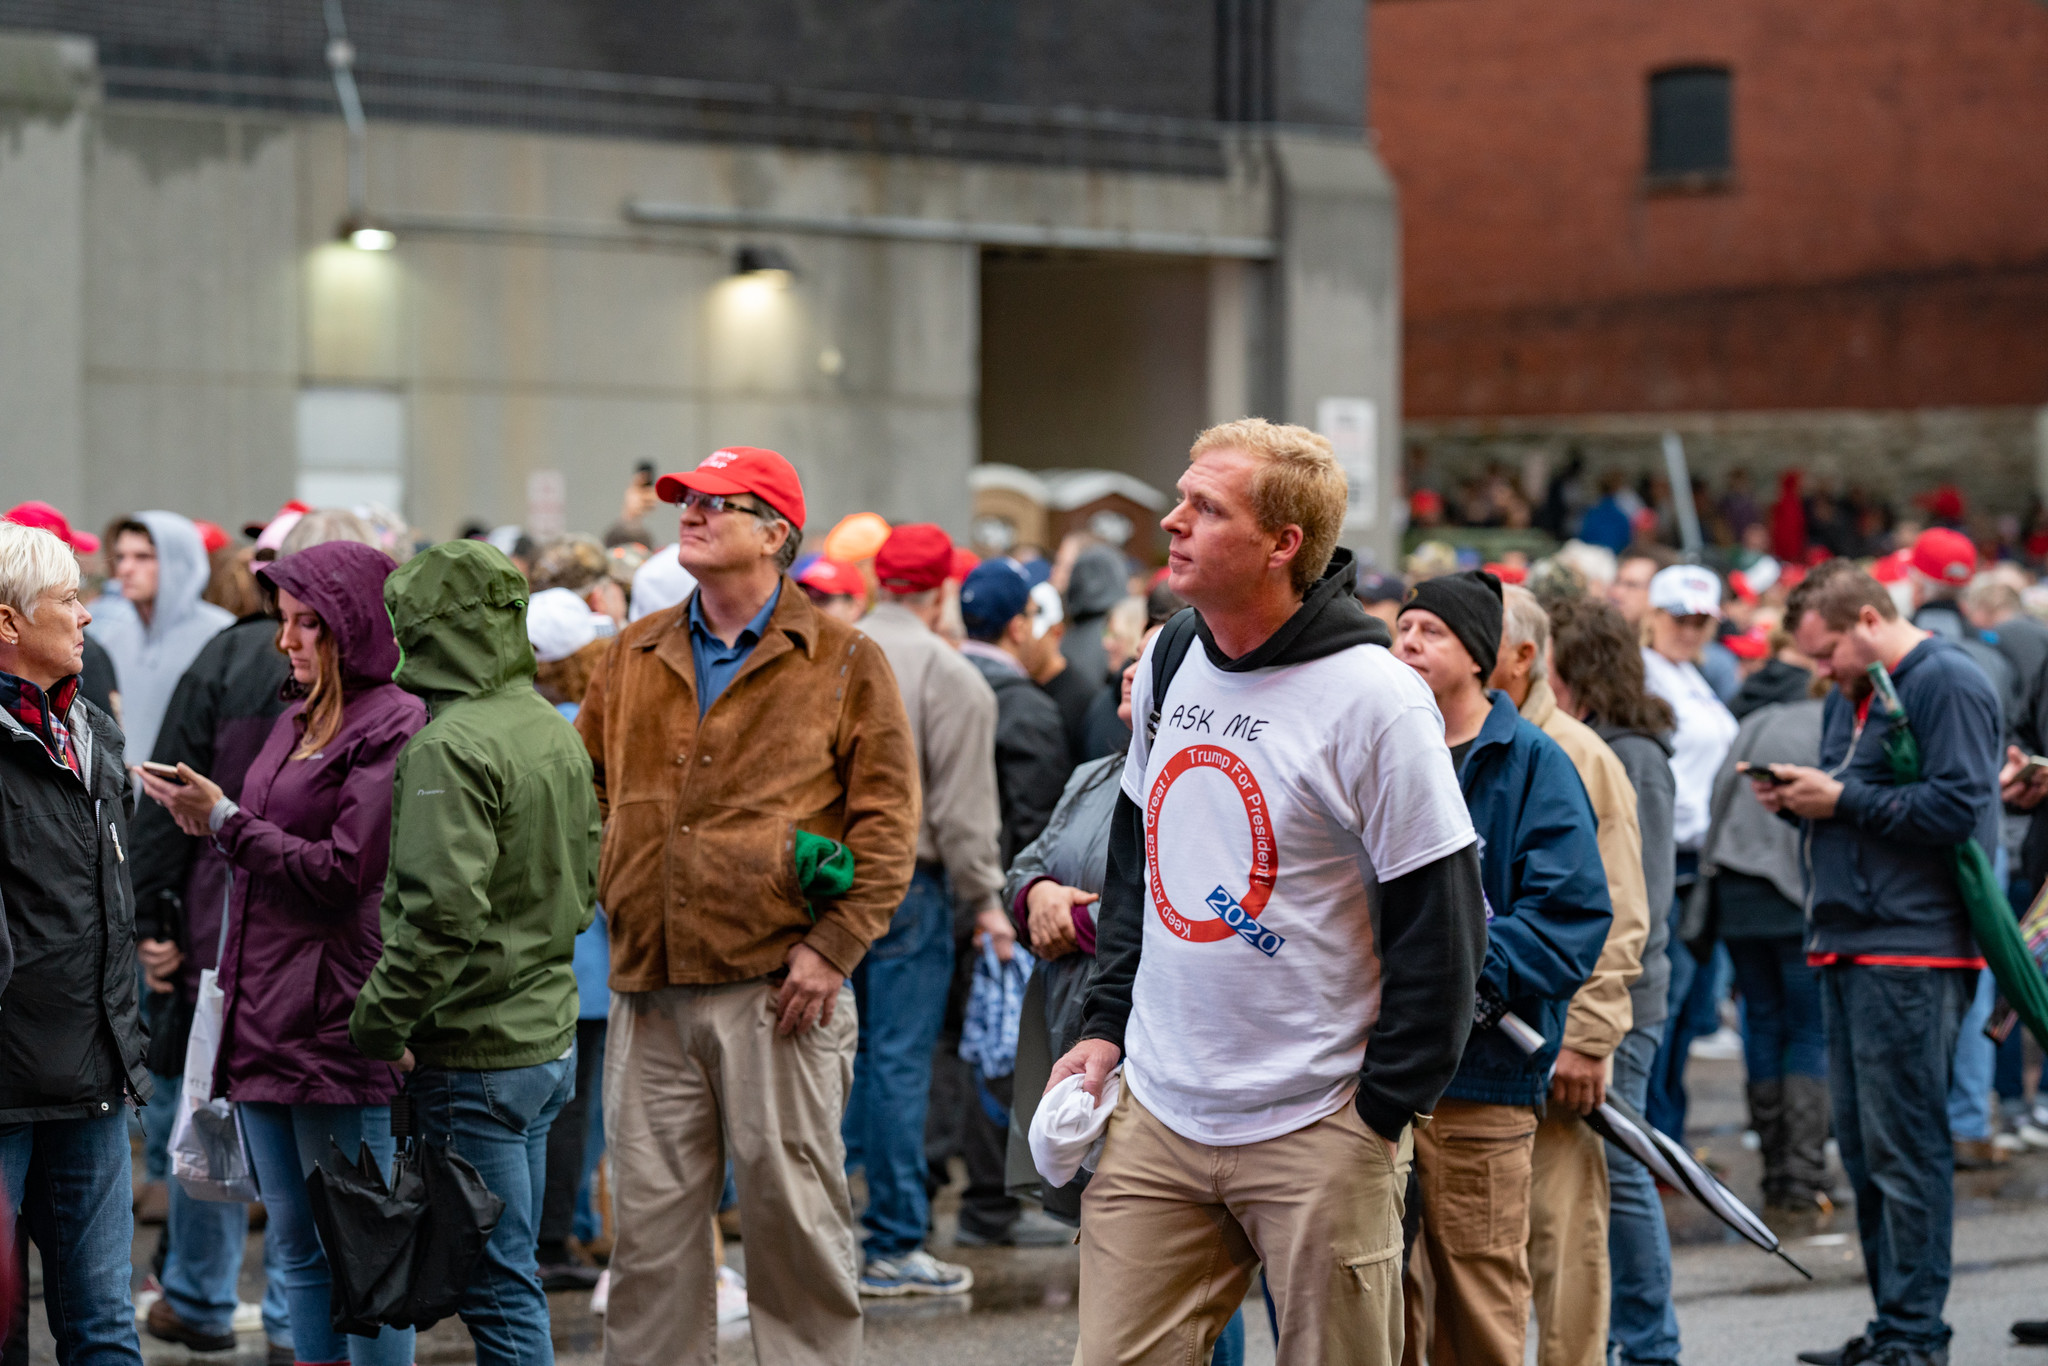 「We are Q」と「QAnon(キューアノン)」の支持者であることを示すシャツを着た男性(手前)(写真:Tony Webster)